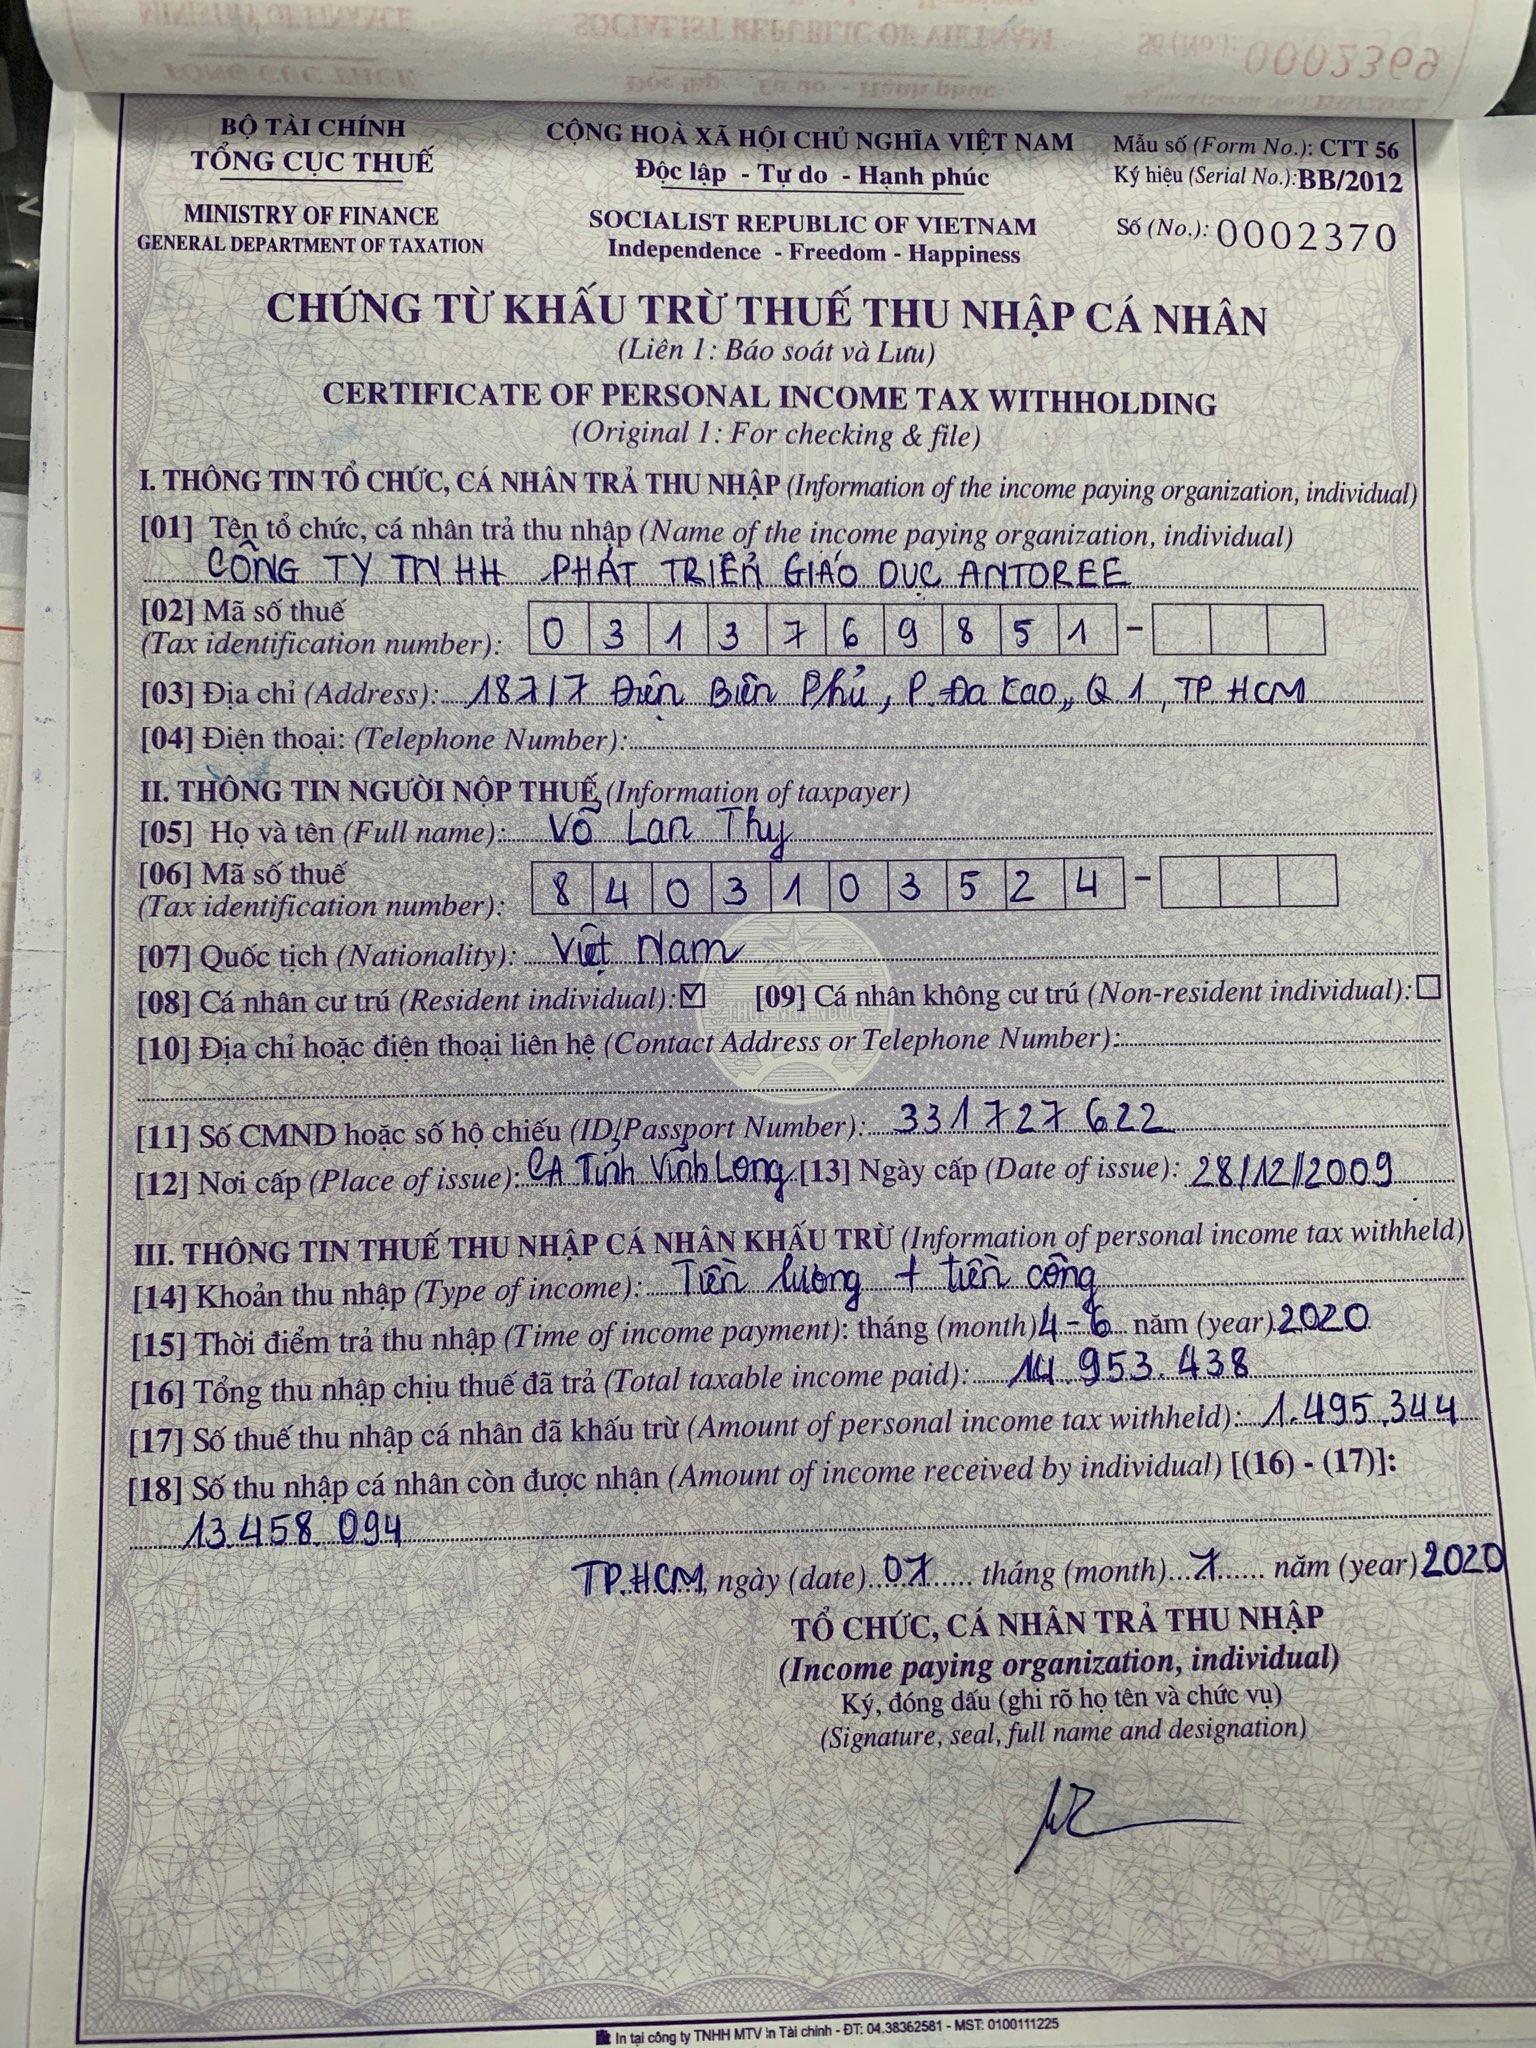 Biên bản khấu trừ thuế của nhân sự Võ Lan Thy